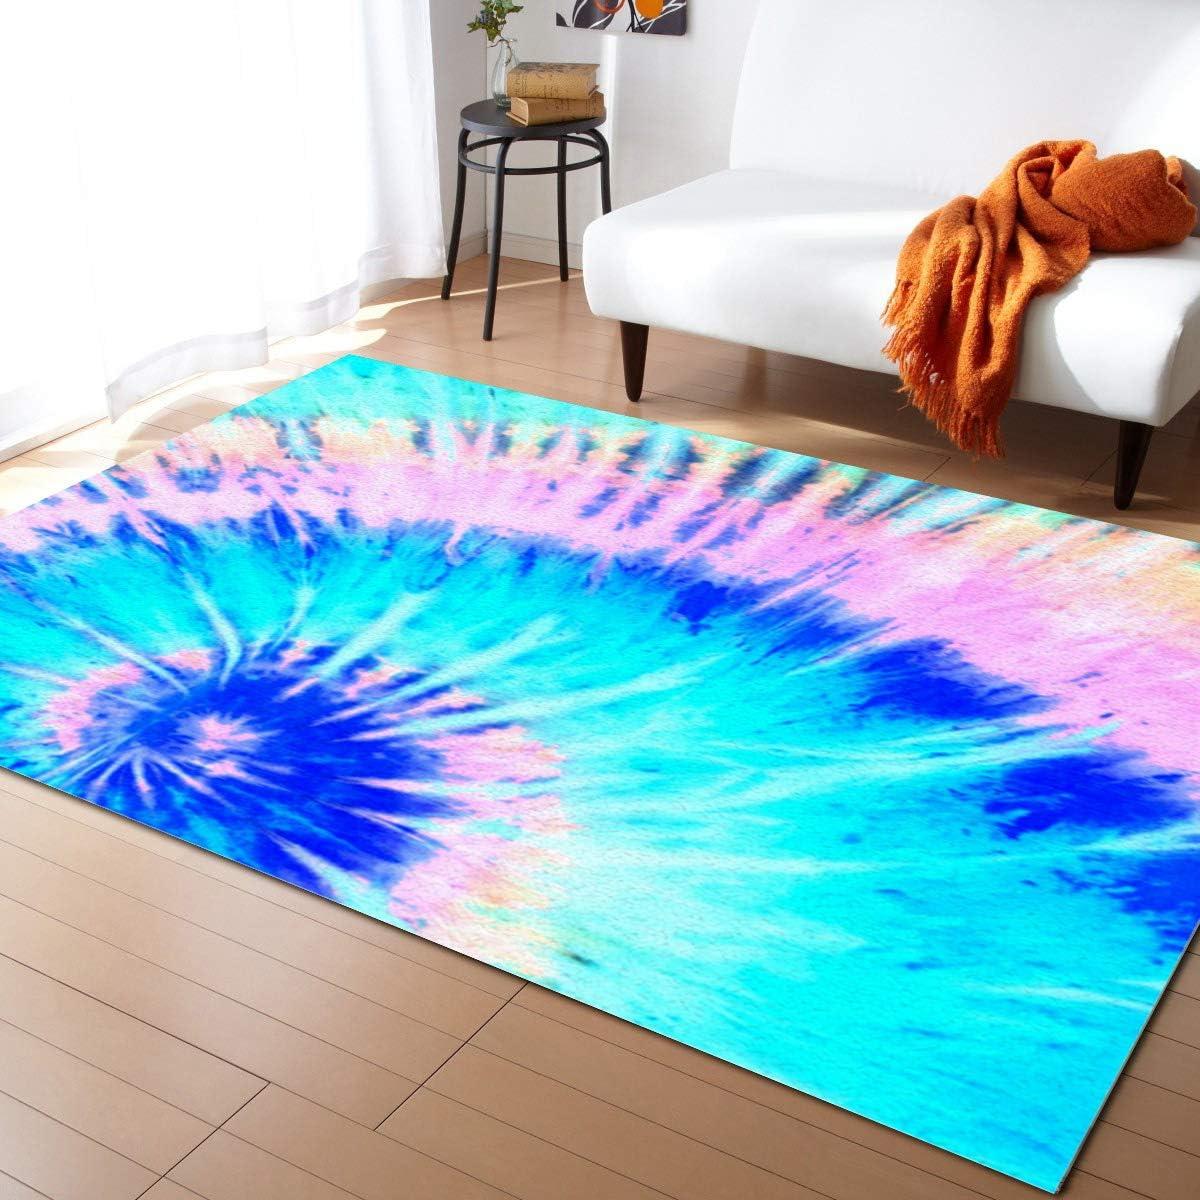 Indoor Area Rug 5' Popular brand x 7' Blue Tie Deluxe Floor for Non-Slip Rugs Li Dye